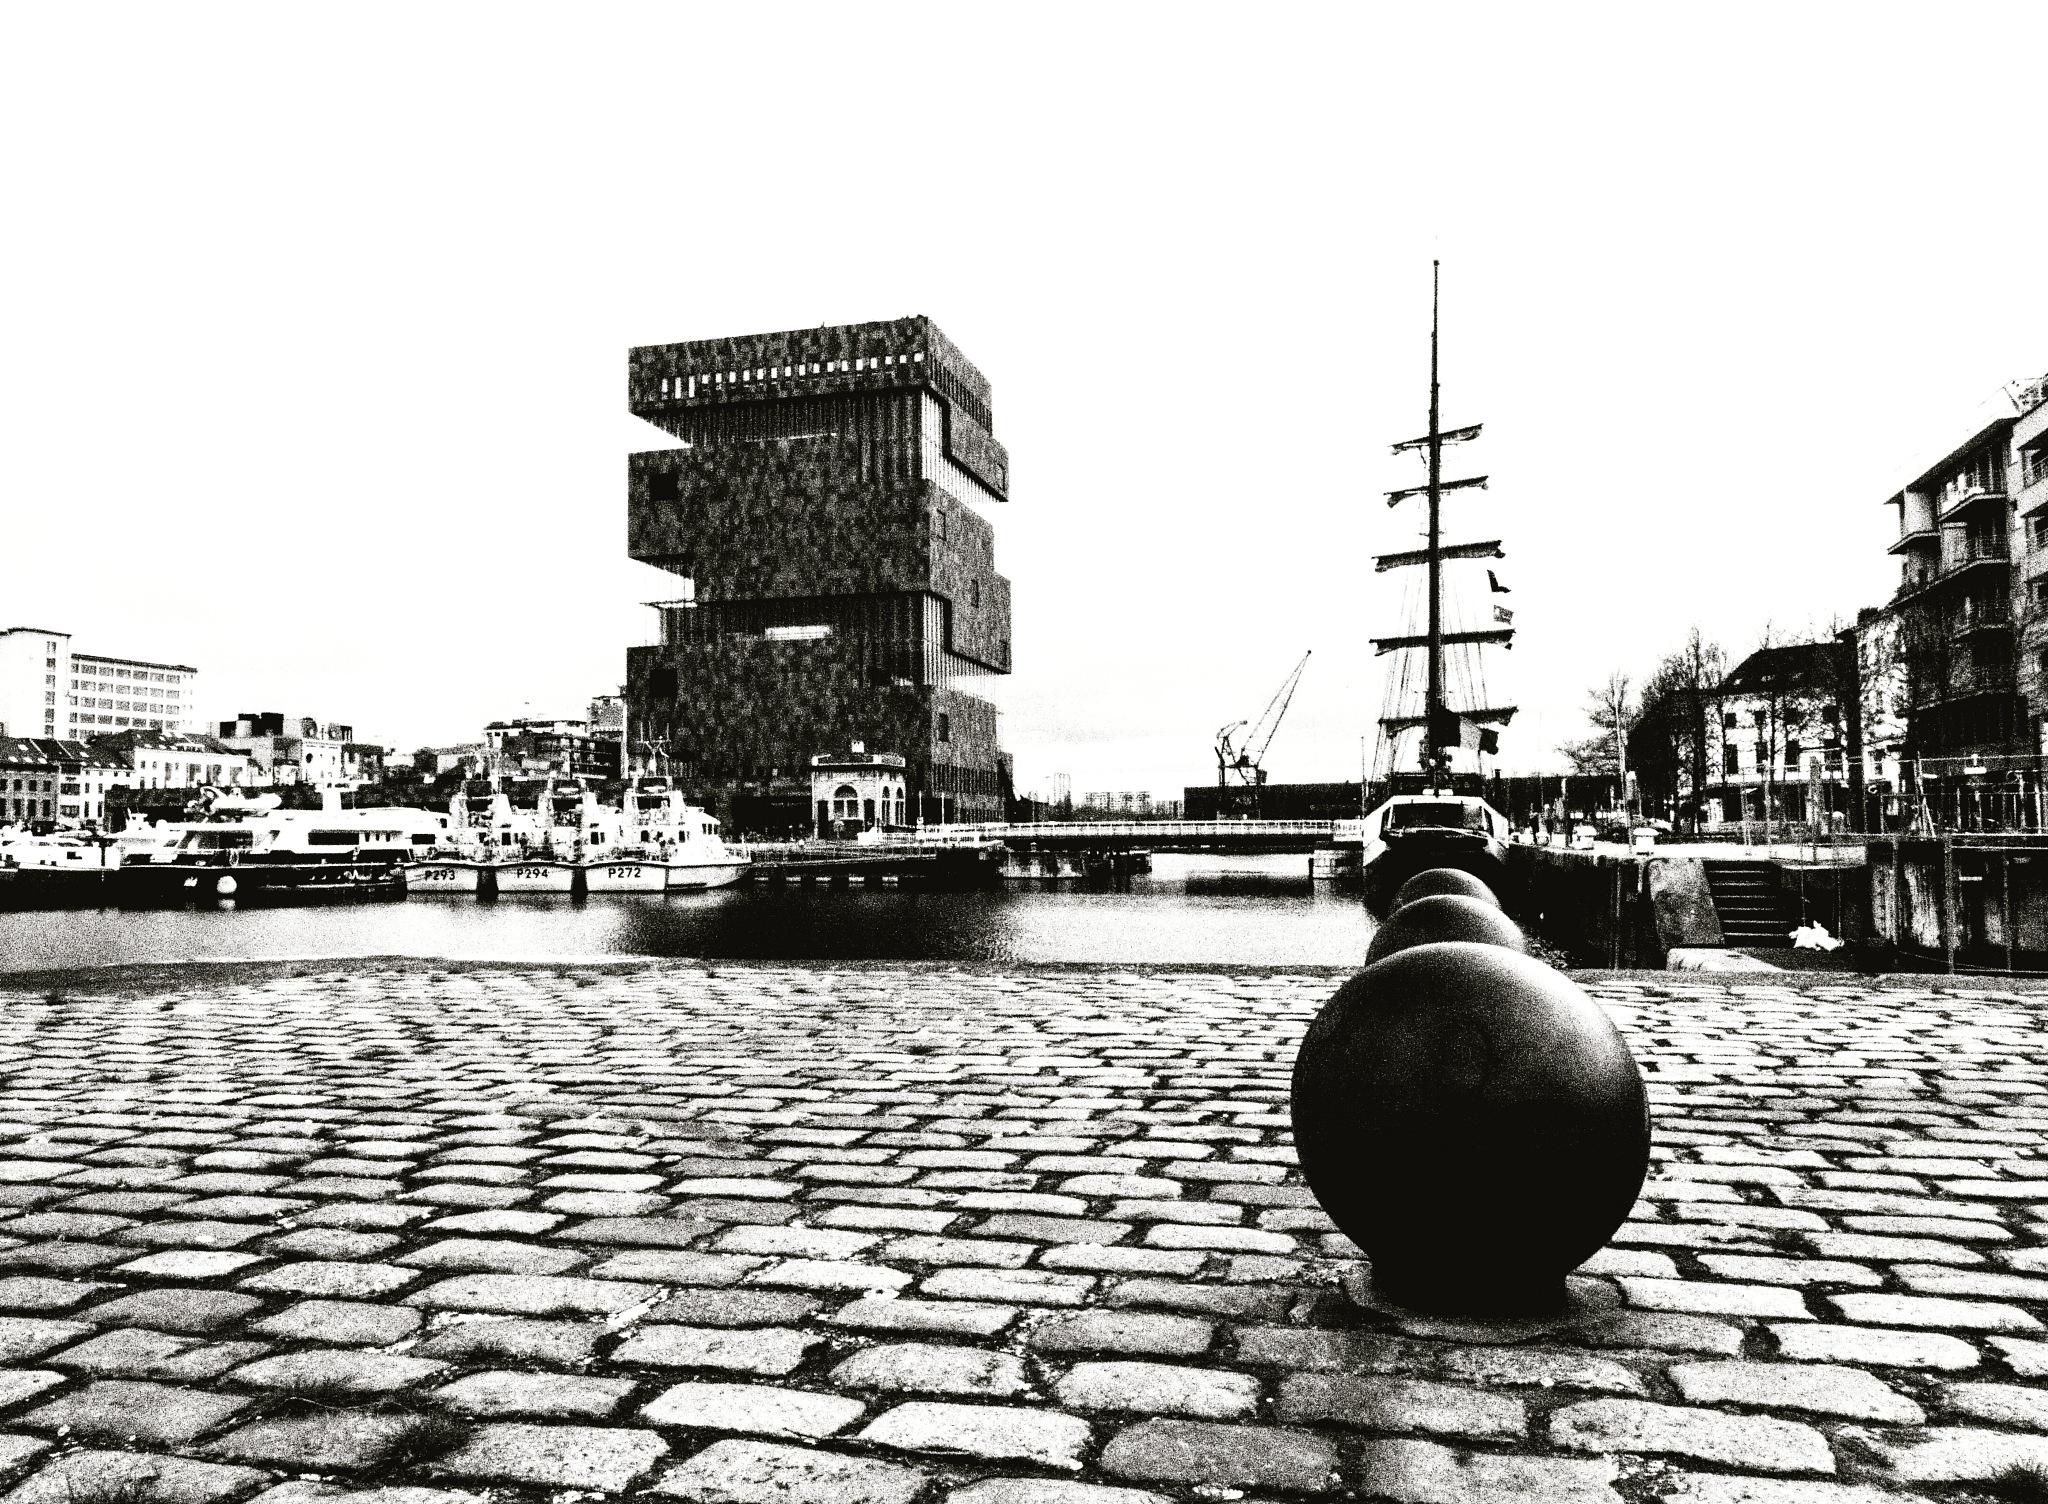 Stein antwerp  by Ronald Duverge